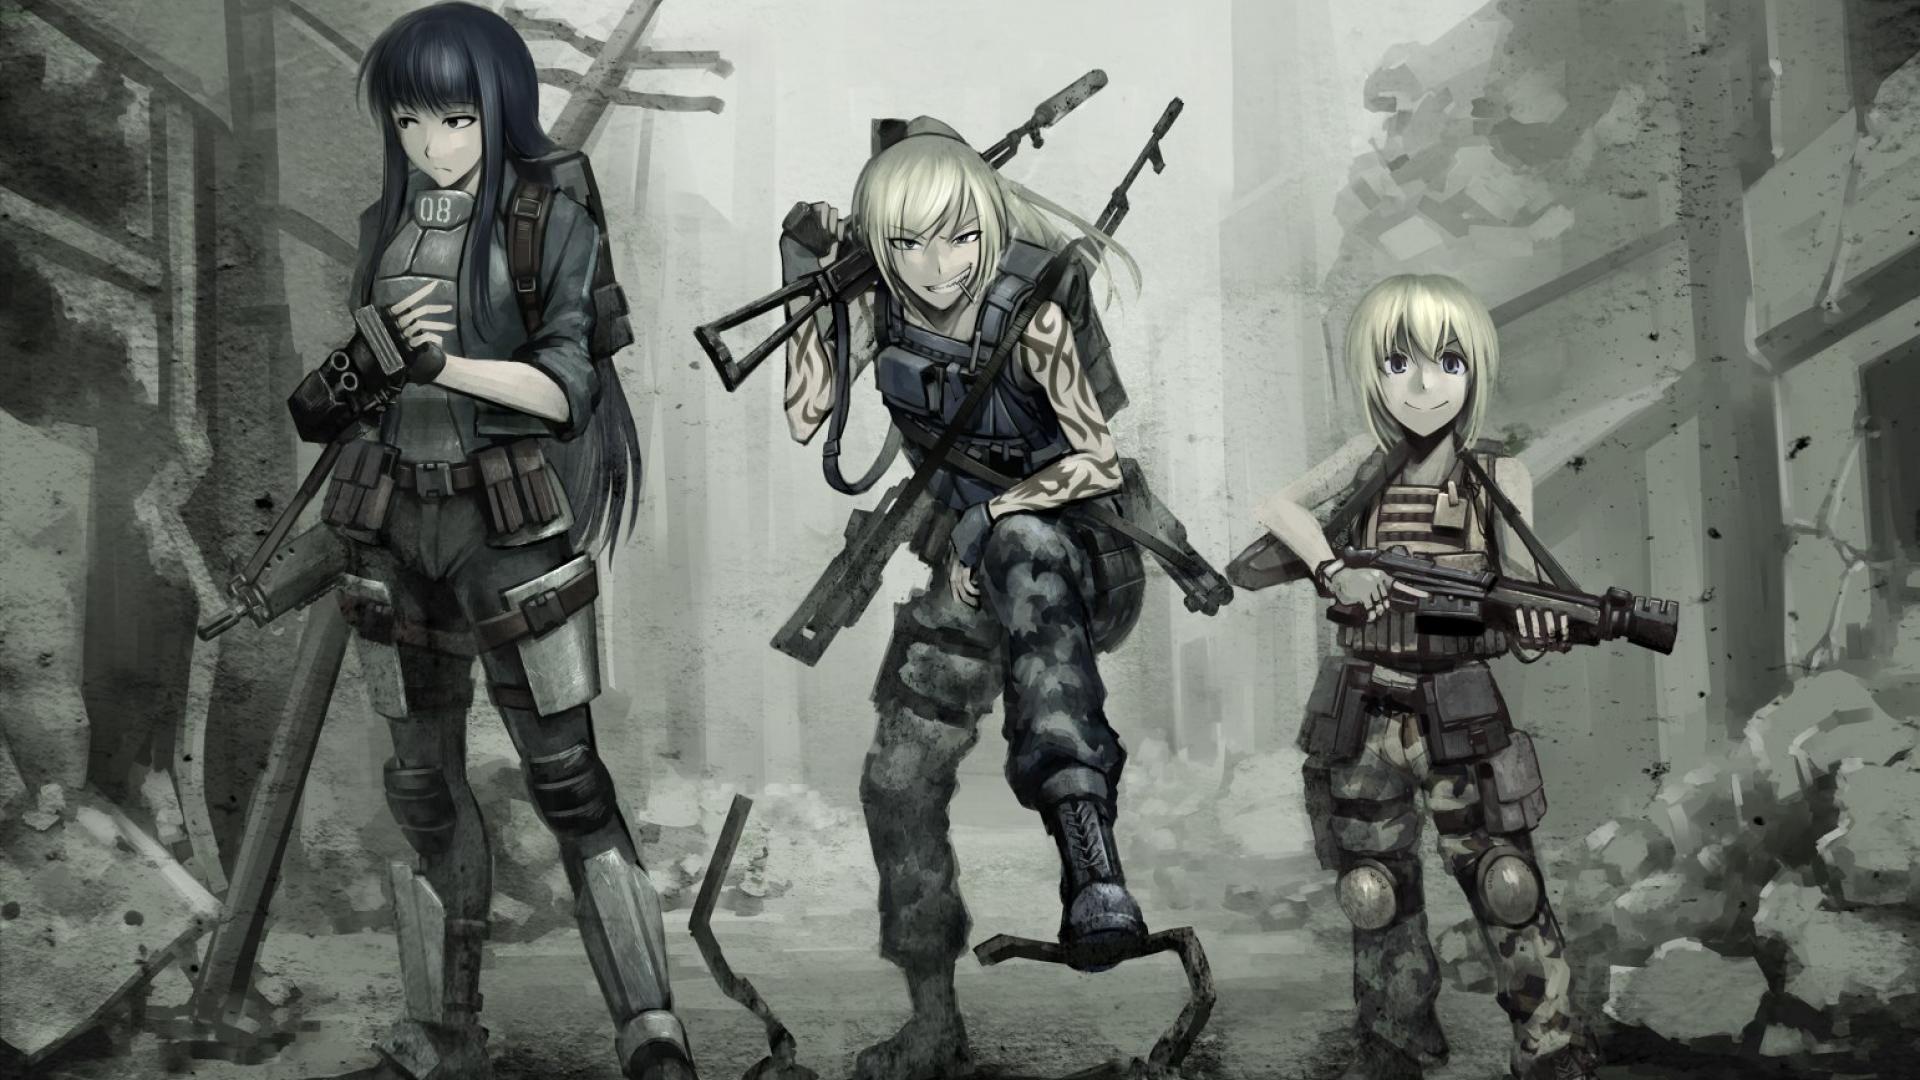 Anime Gunslinger Girl With Guns Wallpaper Gun girl